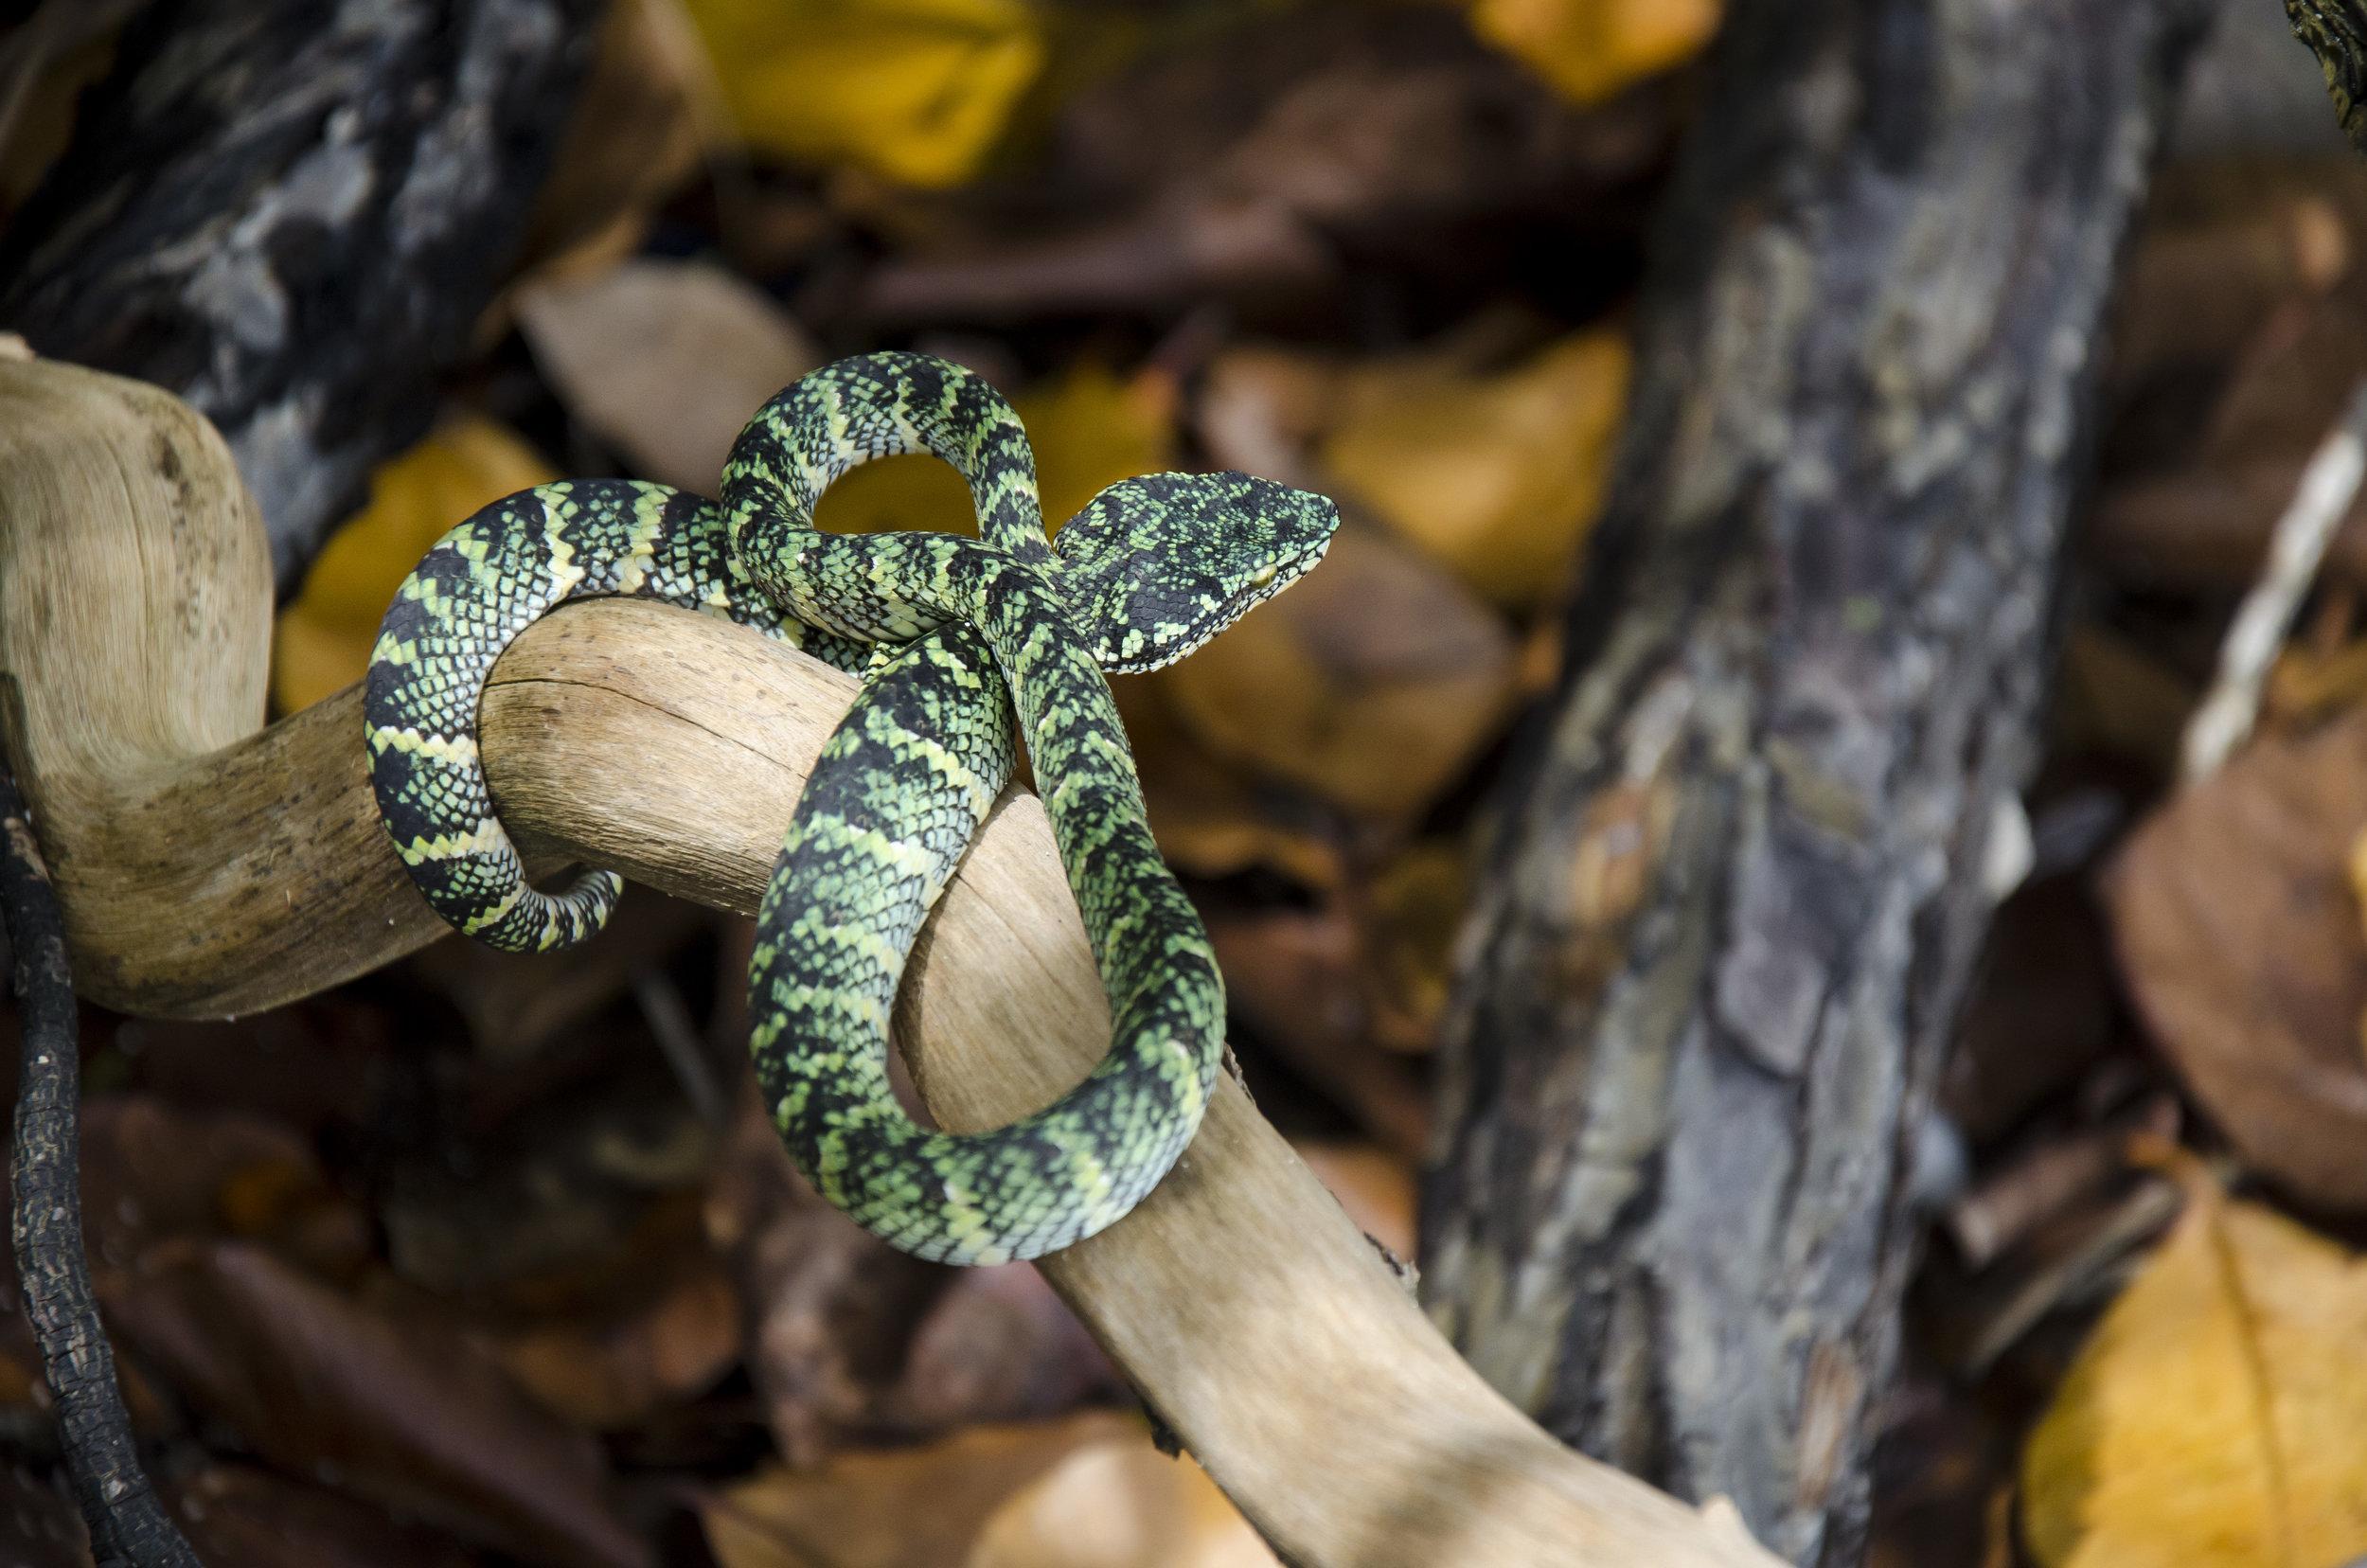 Wagler's Pit Viper